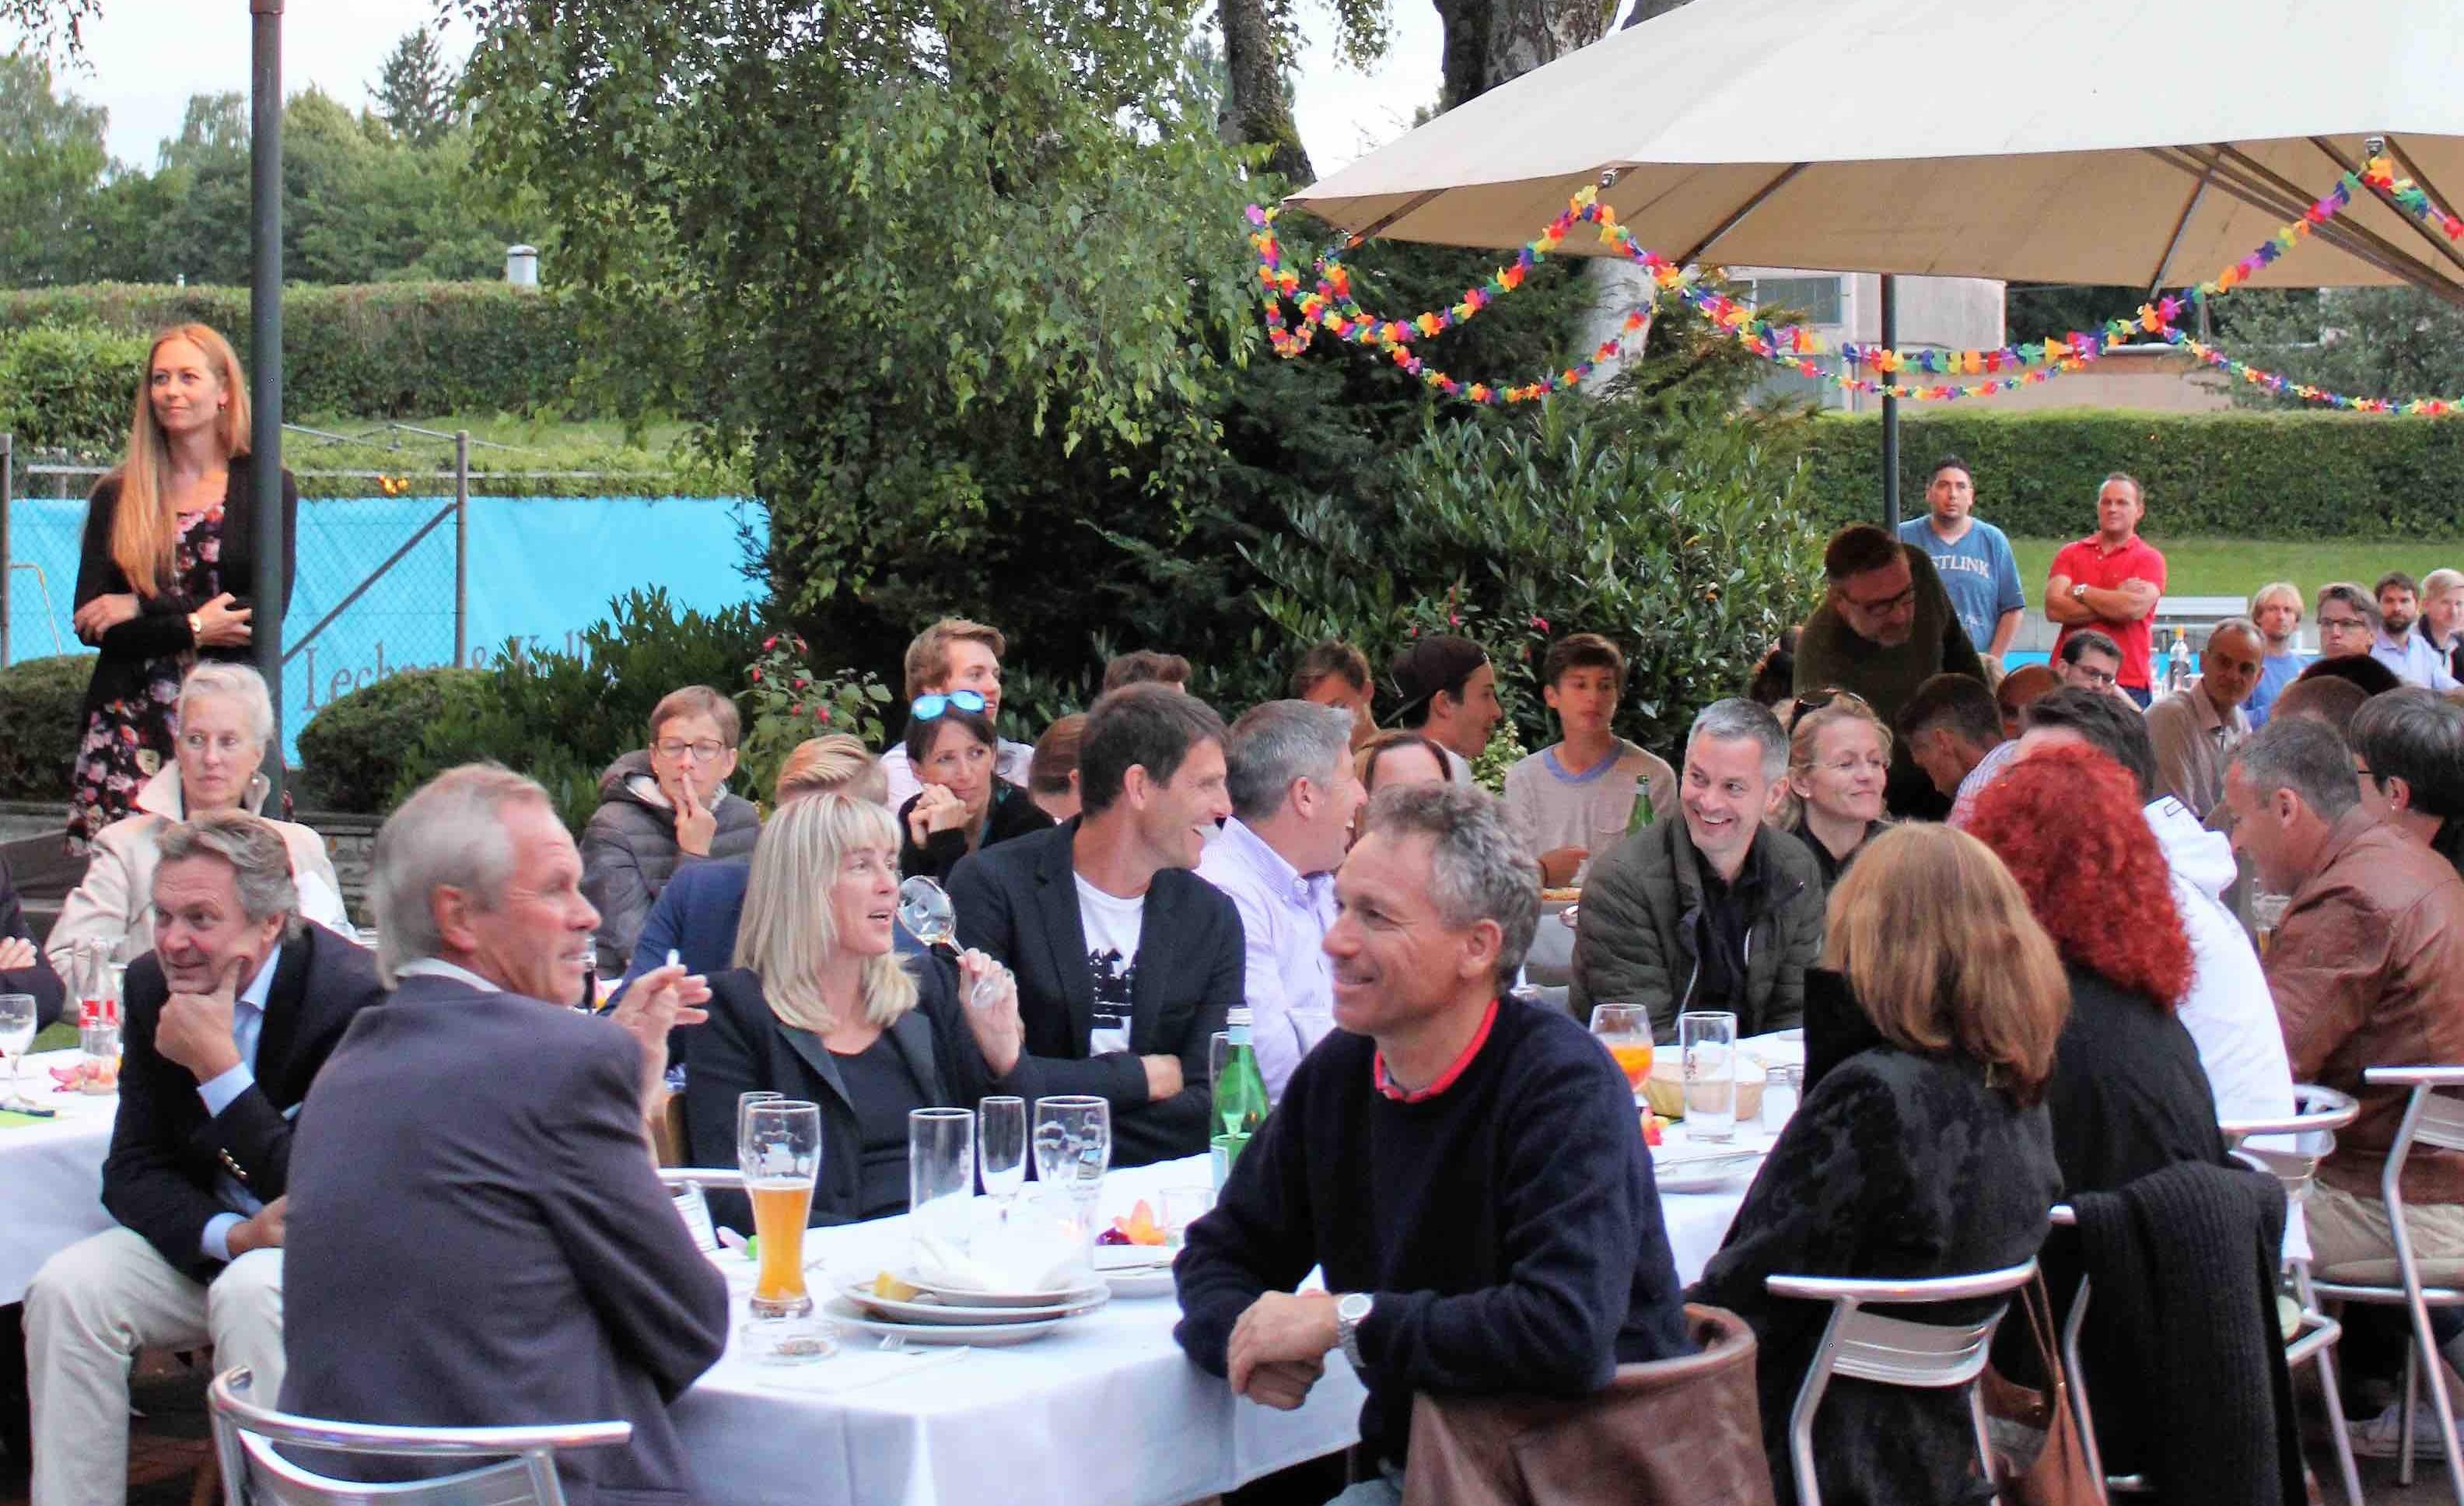 Sommerfest_4-e1480286869437